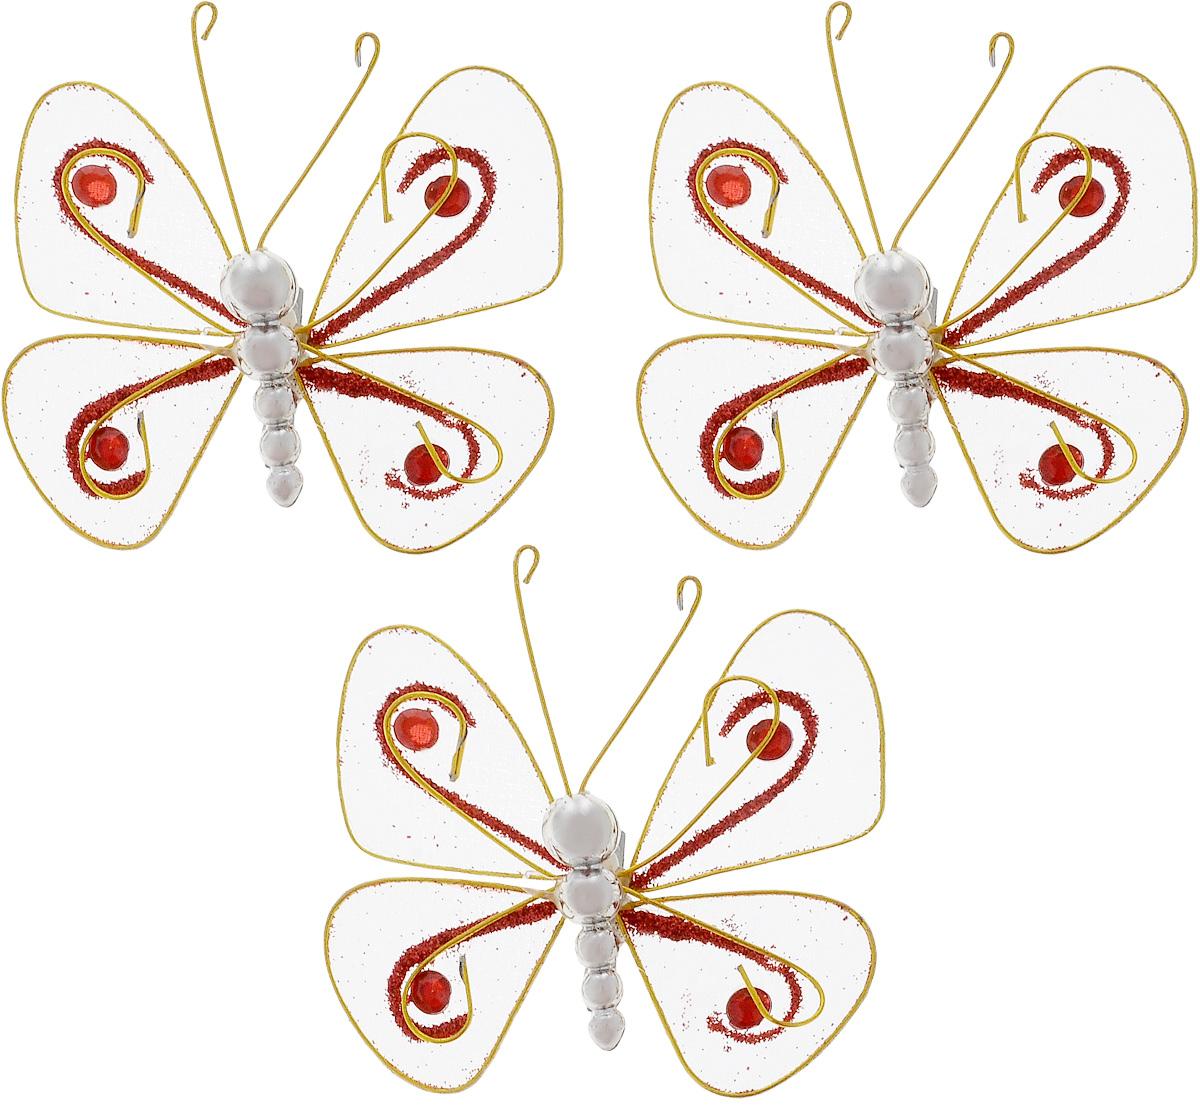 Набор новогодних подвесных украшений House & Holder Бабочки, 3 шт. G6347/8GG6347/8GНабор подвесных украшений House & Holder Бабочки прекрасно подойдет для праздничного декора новогодней ели. Набор состоит из 3 пластиковых украшений в виде бабочек. Для удобного размещения на елке для каждого украшения предусмотрено крепление. Елочная игрушка - символ Нового года. Она несет в себе волшебство и красоту праздника. Создайте в своем доме атмосферу веселья и радости, украшая новогоднюю елку нарядными игрушками, которые будут из года в год накапливать теплоту воспоминаний. Откройте для себя удивительный мир сказок и грез. Почувствуйте волшебные минуты ожидания праздника, создайте новогоднее настроение вашим дорогим и близким. Размер: 7,5 х 7,5 х 1,5 см.